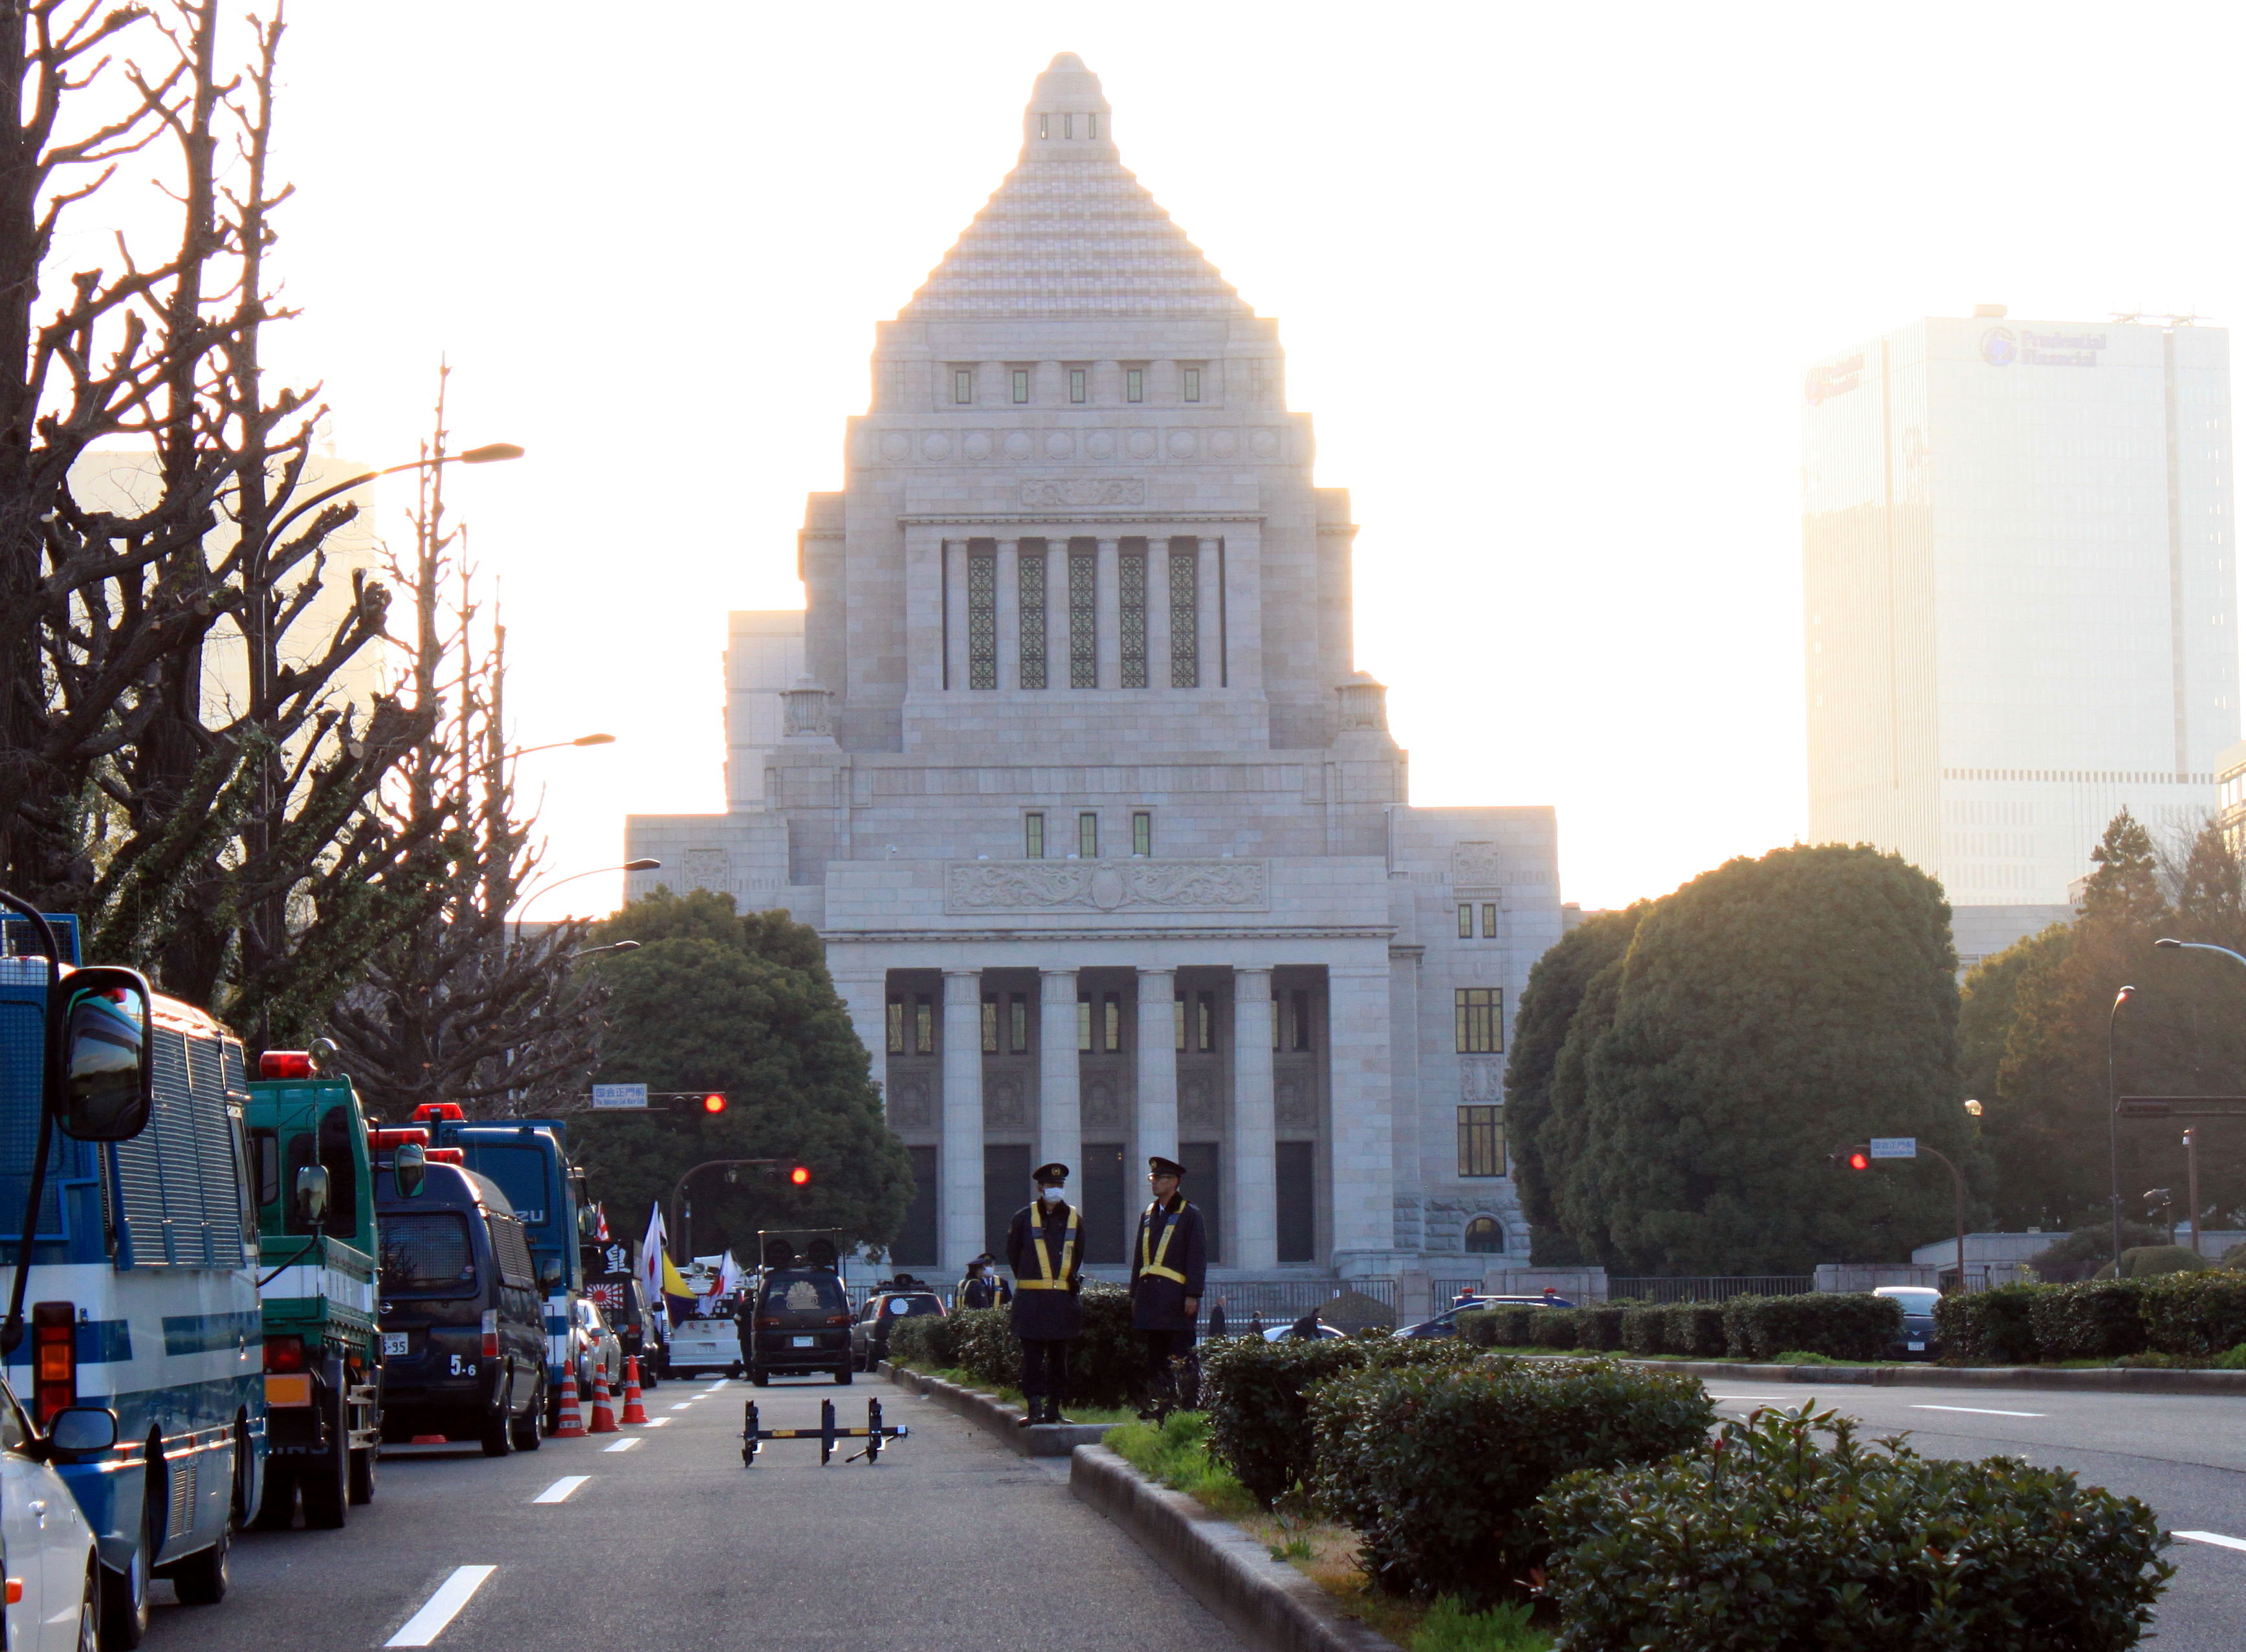 dzielnica Chiyoda Tokio Parlament Japonii iglawpodrozy